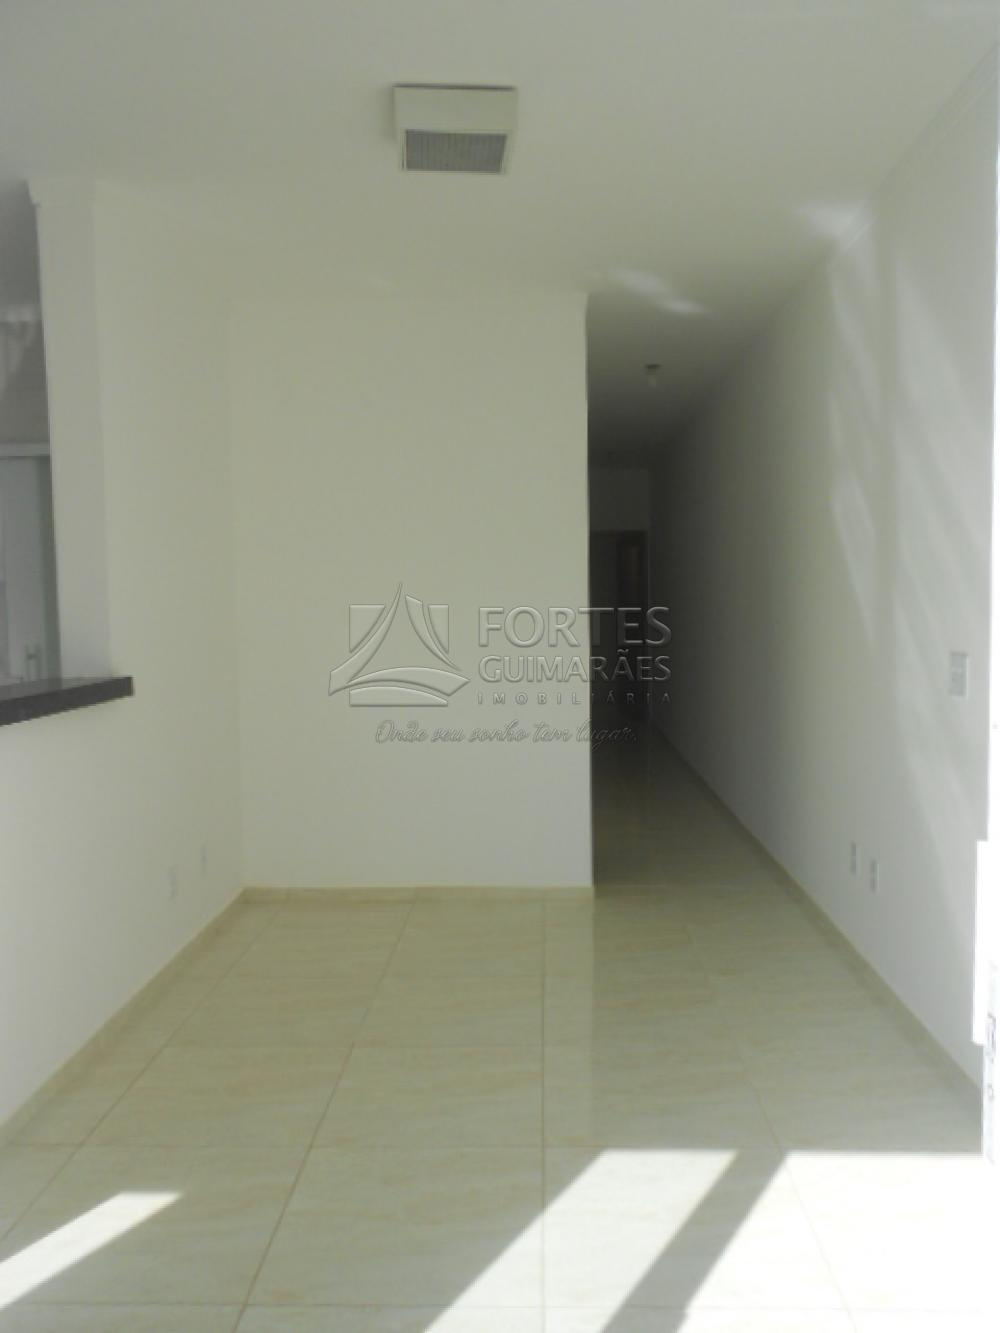 Alugar Casas / Padrão em Bonfim Paulista apenas R$ 1.300,00 - Foto 5